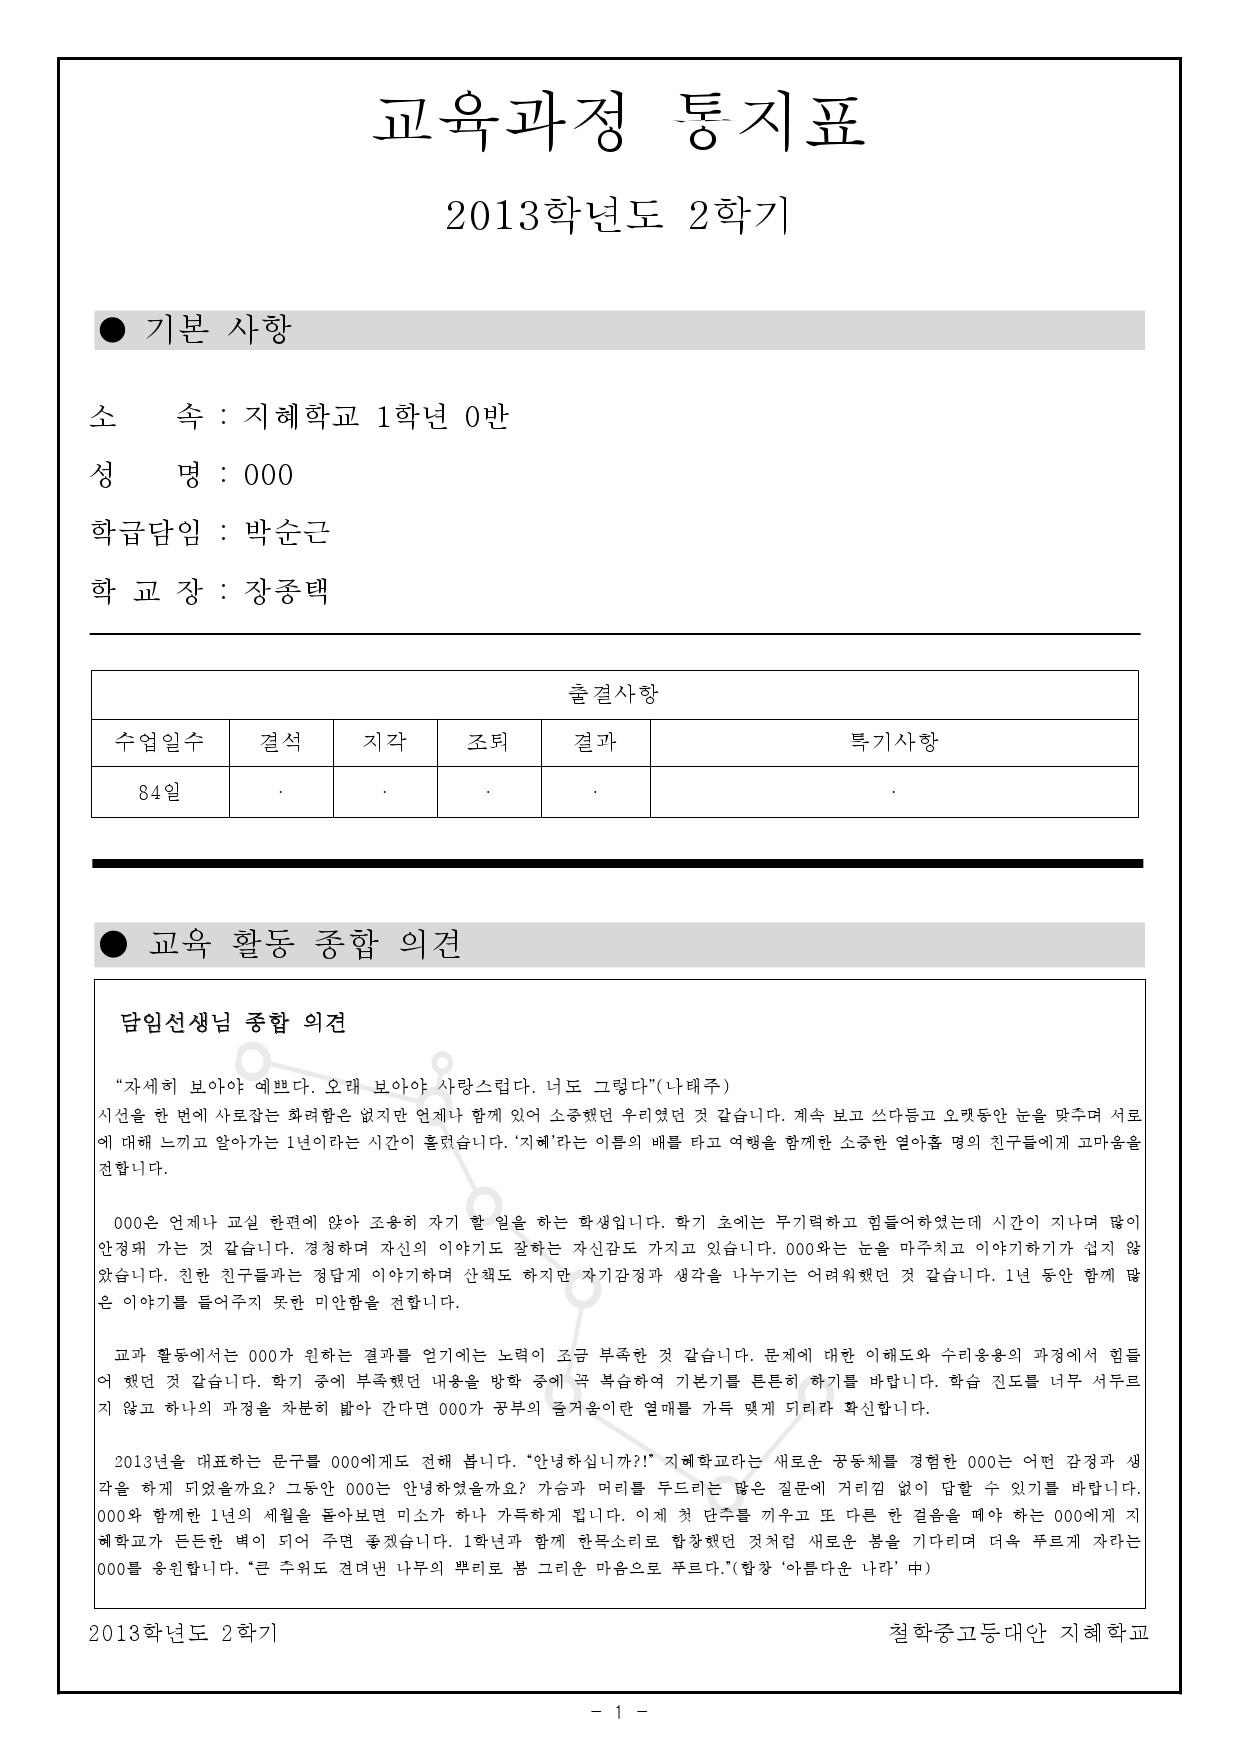 지혜학교 평가서_0-1.jpg